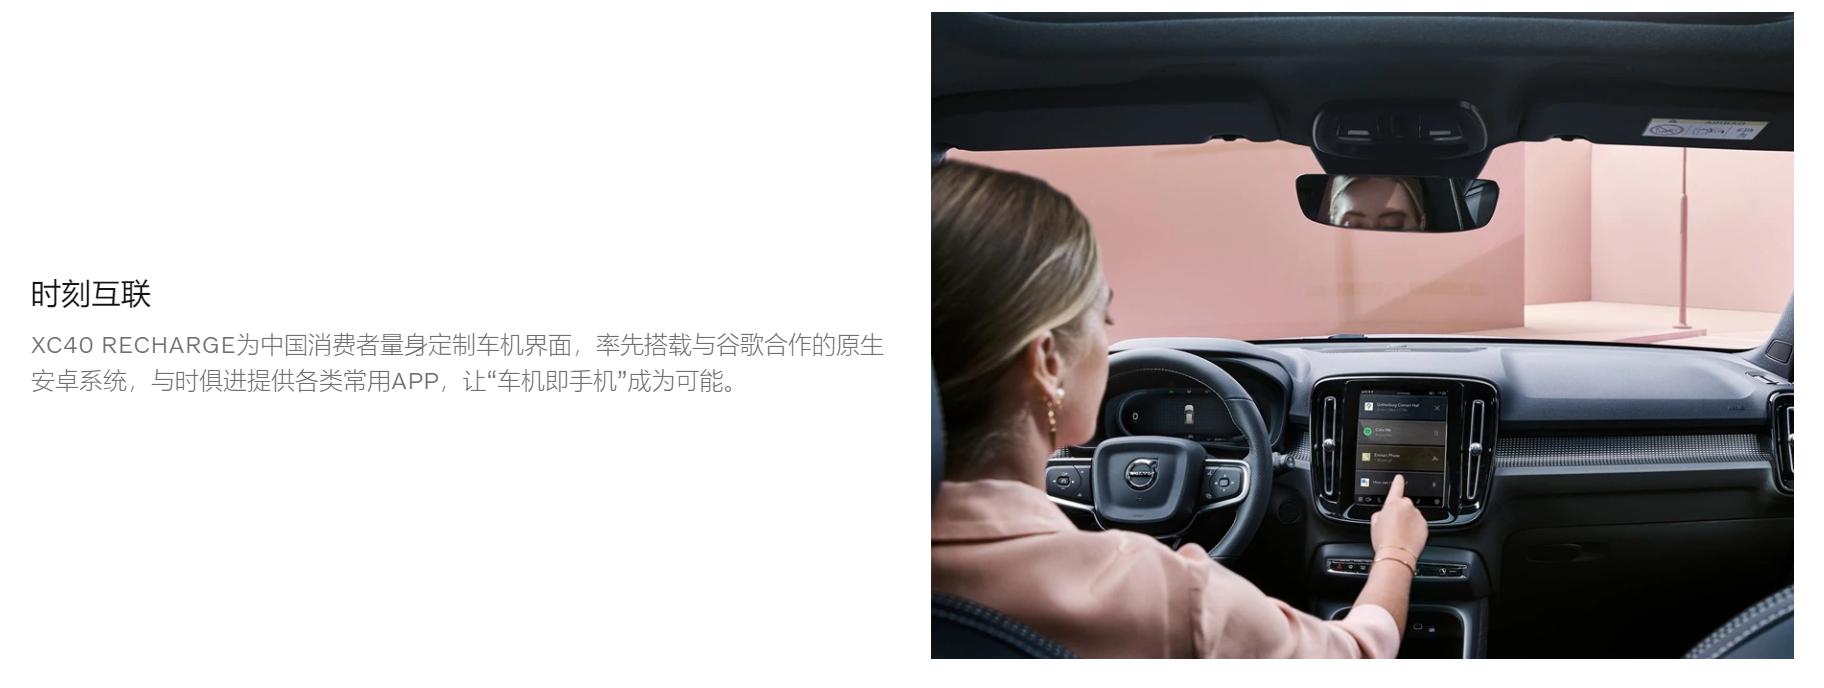 原生安卓系统、为中国量身定制,沃尔沃XC40 RECHARGE的车机真的那么厉害?